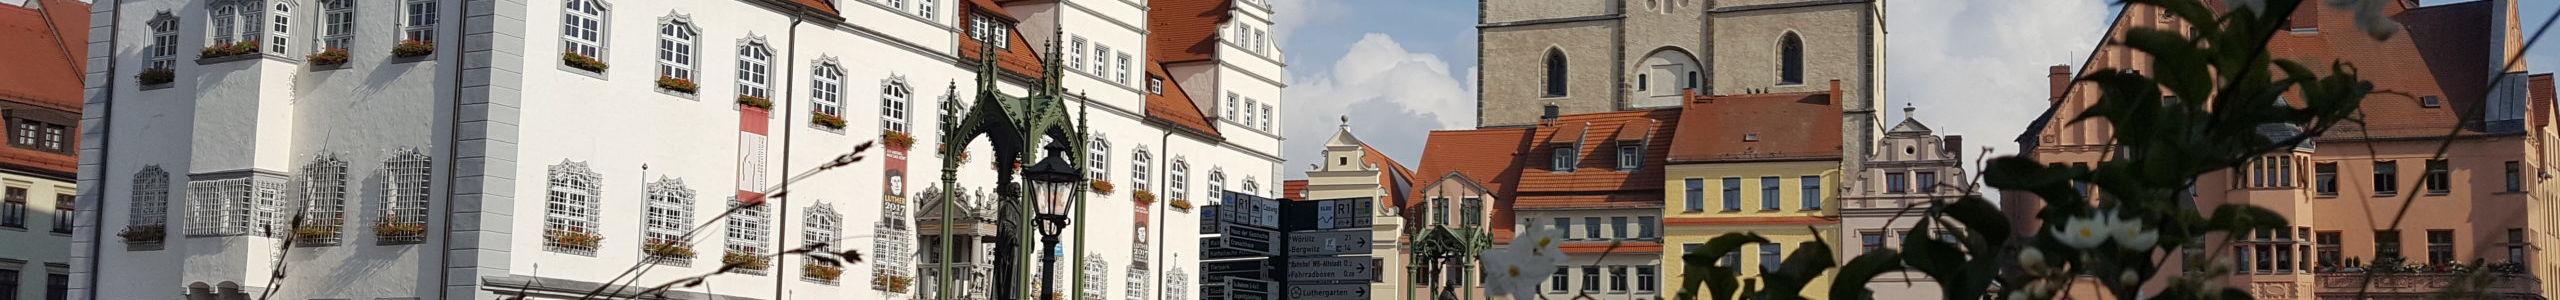 Wittenberger Stadtkirche